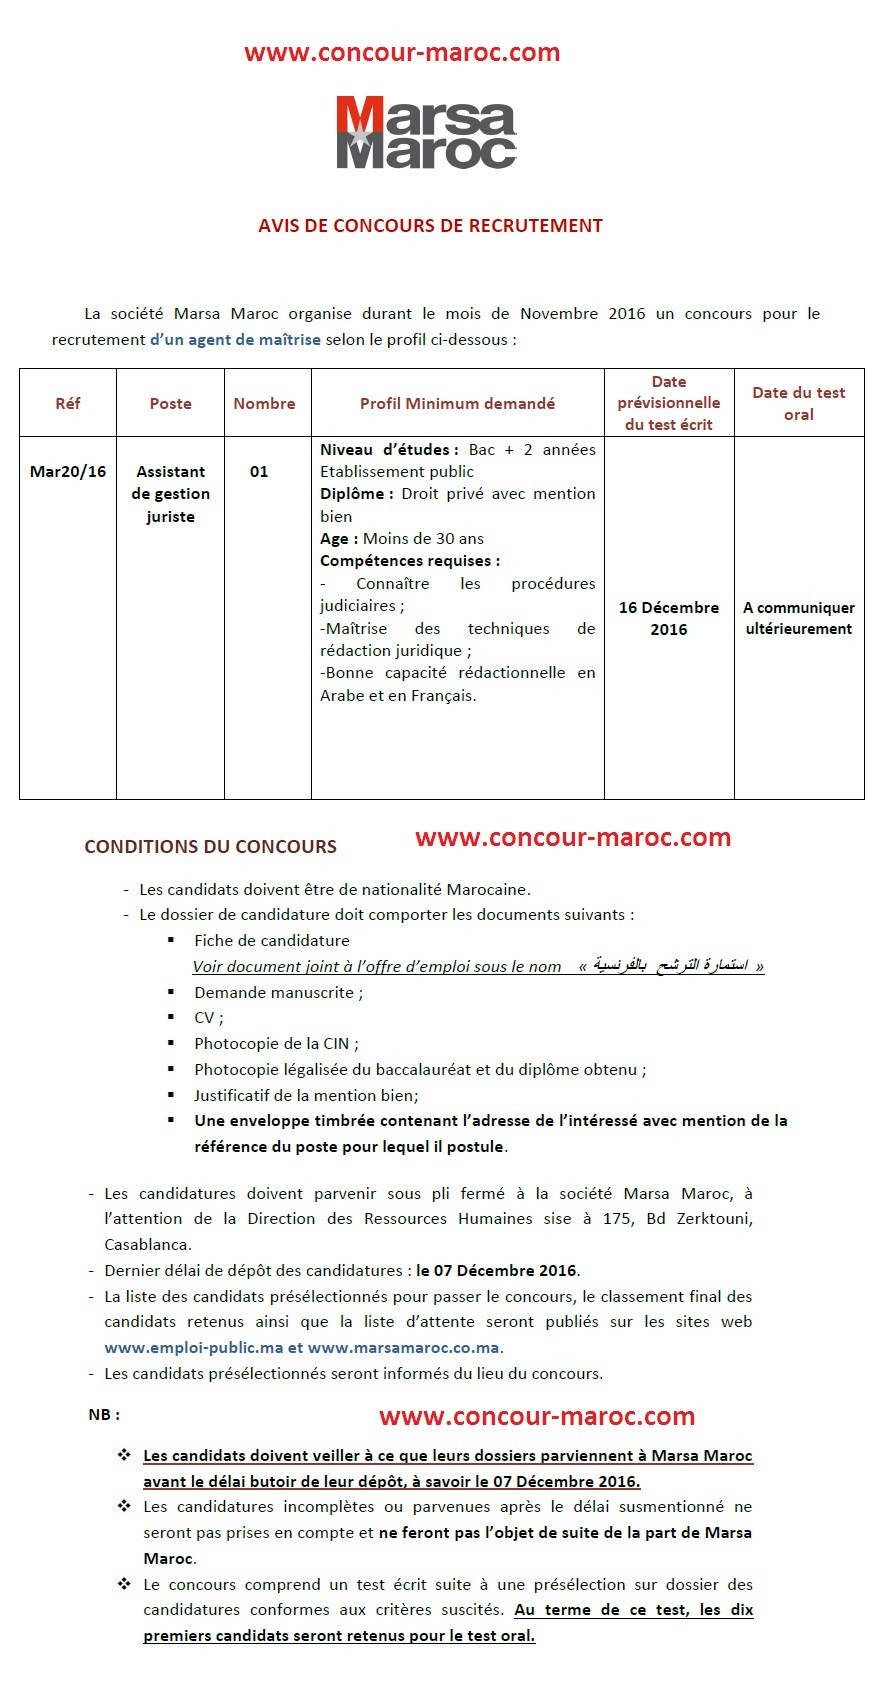 شركة استغلال الموانئ (مرسى ماروك) : مباراة لتوظيف مساعد قانوني Assistant juridique (1 منصب) آخر أجل لإيداع الترشيحات 7 دجنبر 2016 Concou71